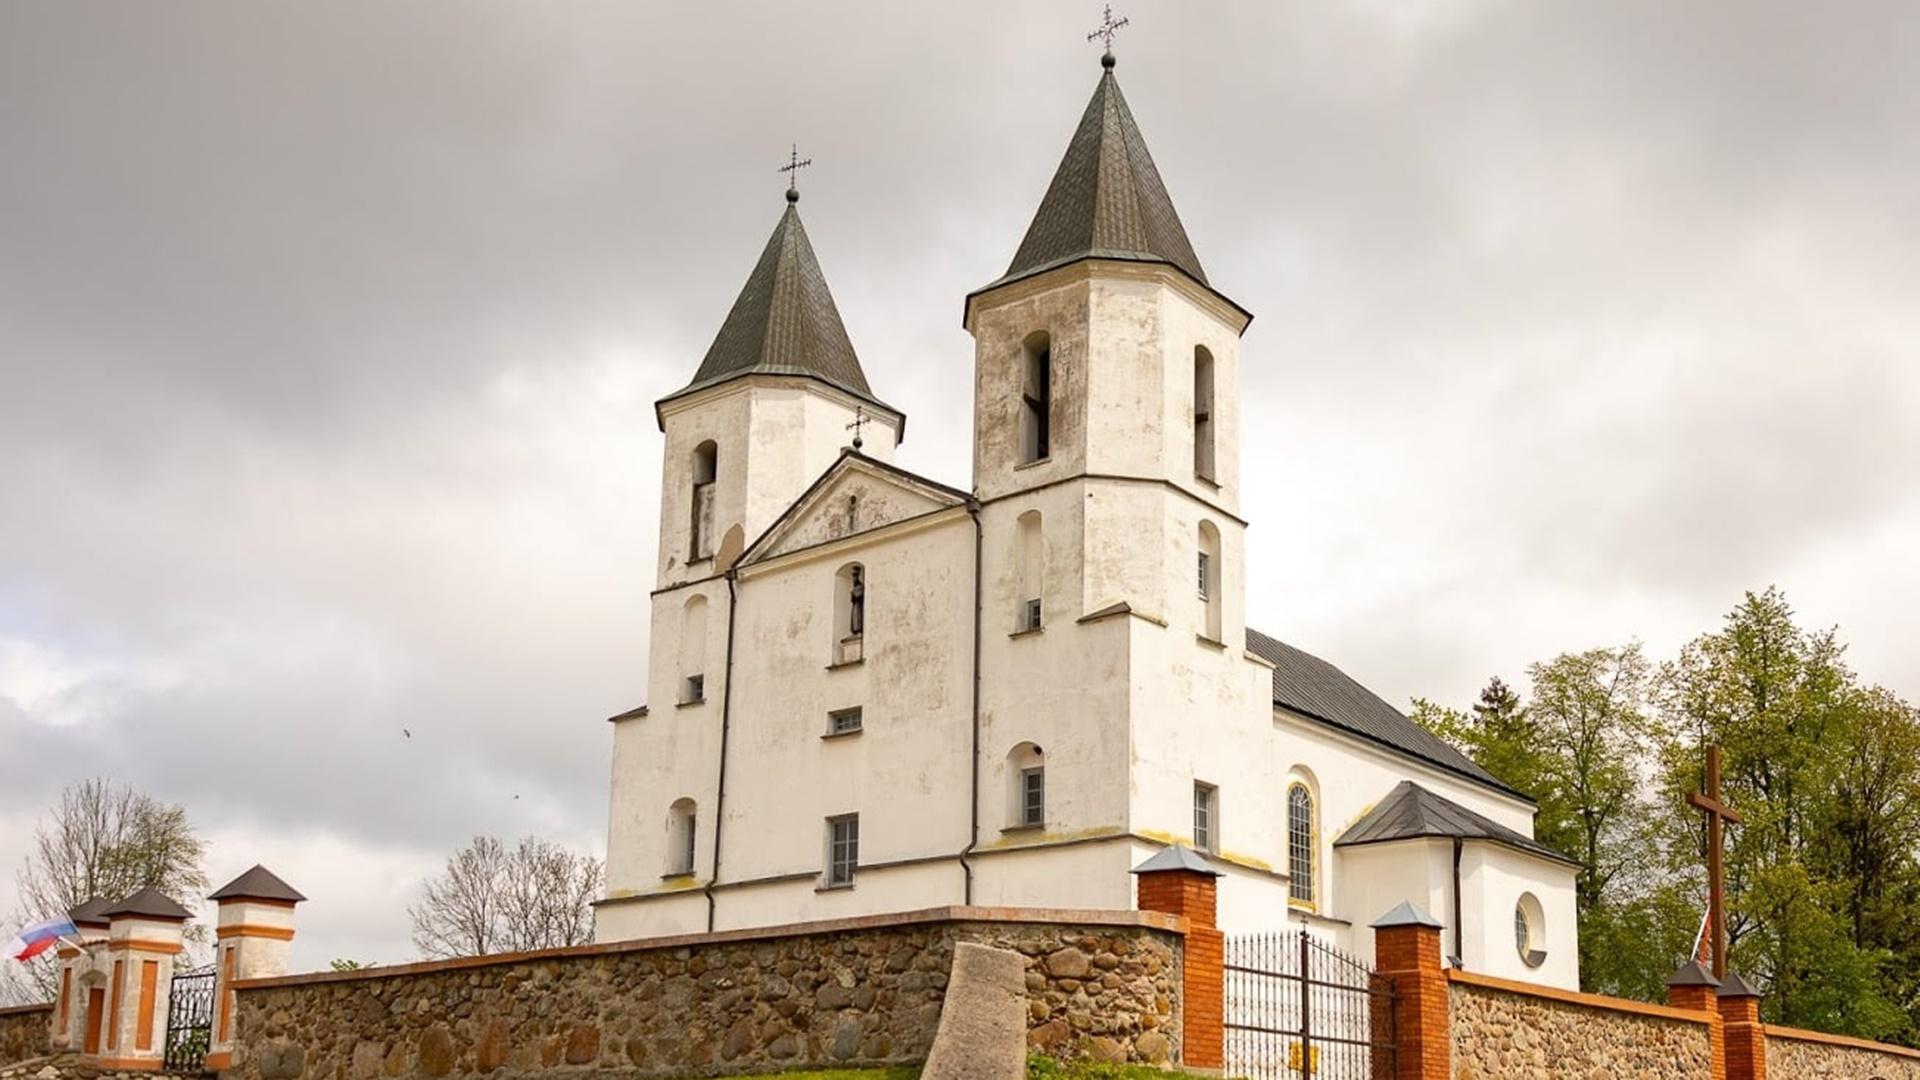 Kościół Rzymskokatolicki pw. Matki Bożej Pocieszenia w Zalesiu, fot. Kamil Timoszuk/UMWP